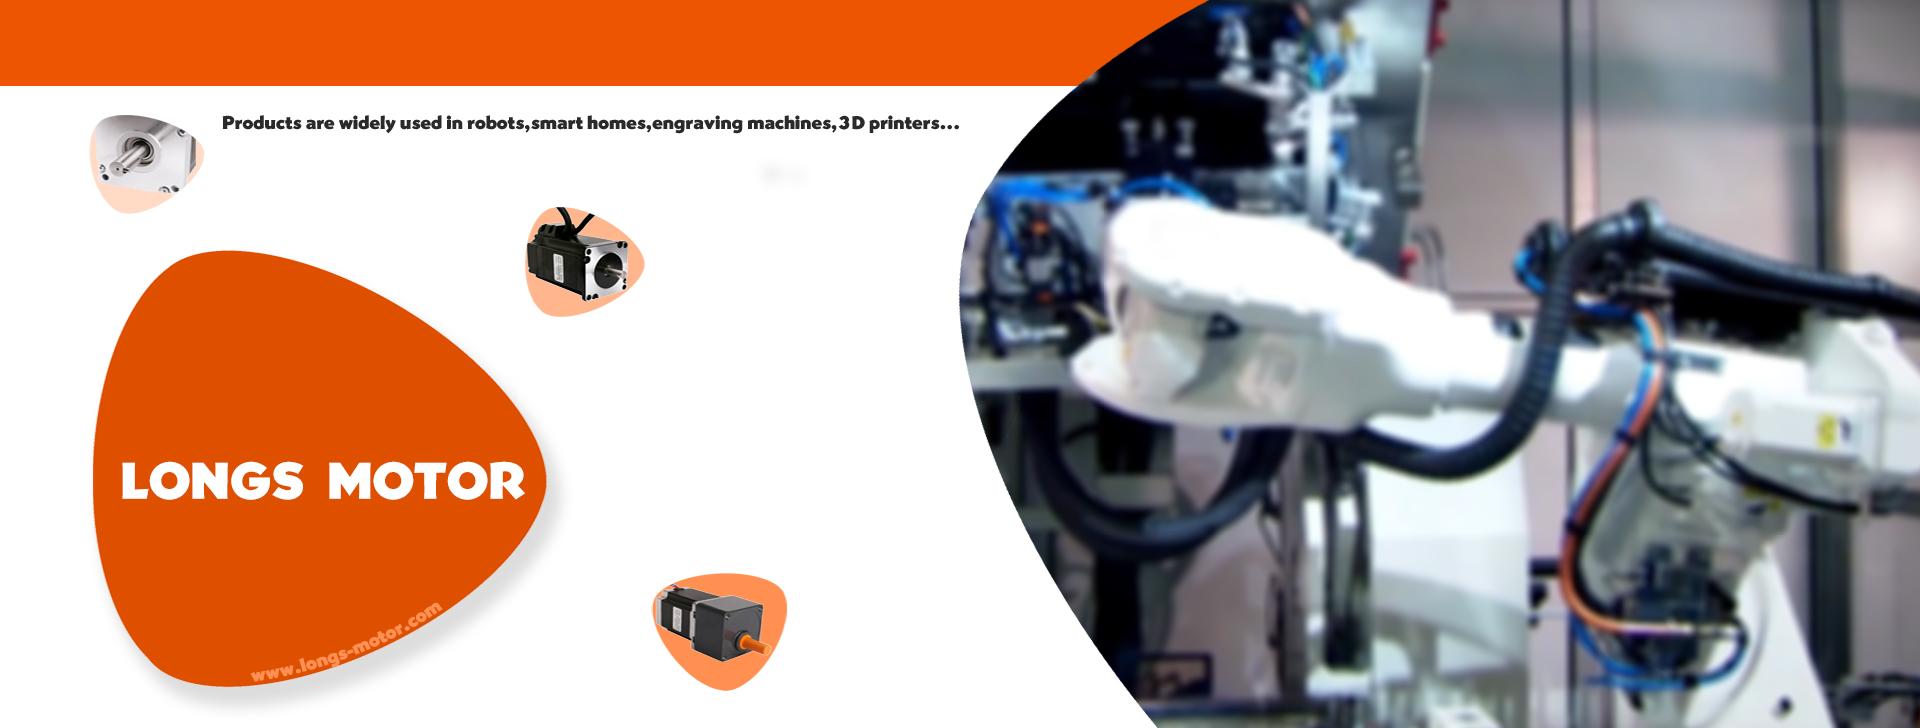 Stepper Motor, Dc Motorservo Motor, Brushless Motor